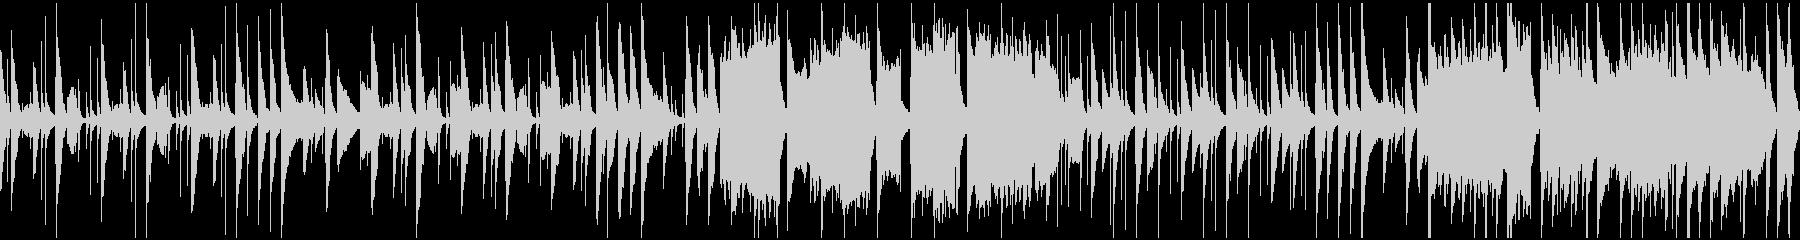 ほのぼの木琴・キッズ・ループ仕様の未再生の波形